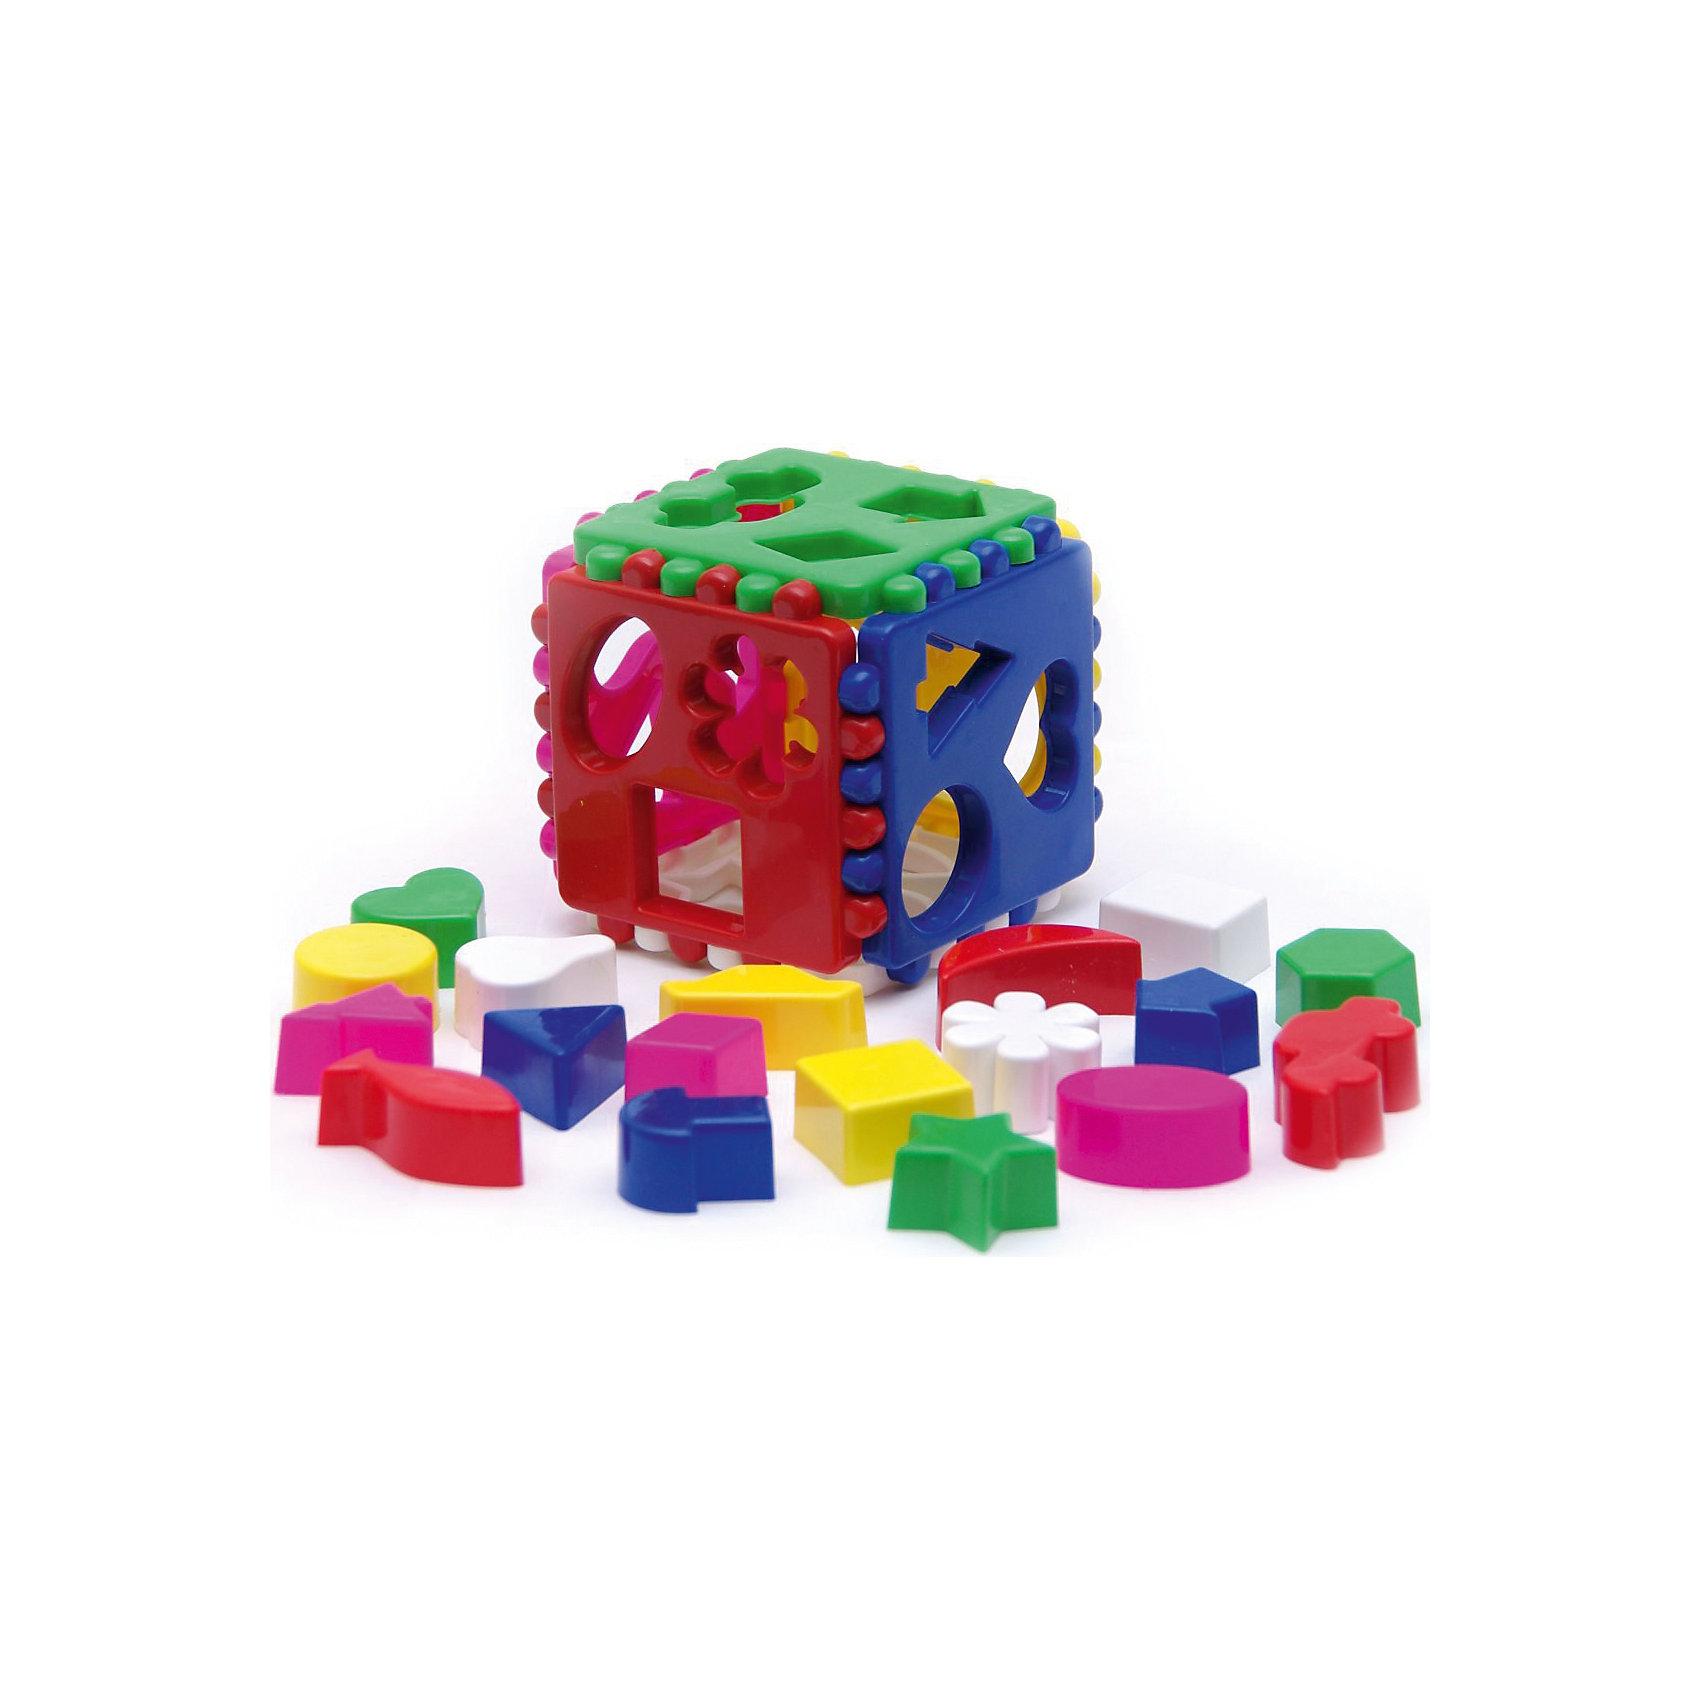 Игрушка Логический кубик, Karolina ToysЛогический кубик, Karolina Toys - яркая развивающая игрушка, которая обязательно привлечет внимание Вашего малыша. Игрушка выполнена в виде красочного кубика с разноцветными гранями, на каждой грани отверстия разных форм (кружки, елочки, треугольники, квадраты и другие), в которые малышу предлагается вставлять соответствующие им фигурки. Игрушка выполнена из высококачественного экологичного материала. Прекрасно развивает у ребенка логическое мышление и световосприятие, знакомит с цветами и формами, тренирует мелкую моторику.<br><br>Дополнительная информация:<br><br>- В комплекте: кубик, 18 фигурок.<br>- Материал: пластик. <br>- Размер игрушки: 11,5 х 11,5 х 11,5 см.<br>- Вес: 0,3 кг.<br><br>Игрушку Логический кубик, Karolina Toys, можно купить в нашем интернет-магазине.<br><br>Ширина мм: 115<br>Глубина мм: 115<br>Высота мм: 115<br>Вес г: 220<br>Возраст от месяцев: 12<br>Возраст до месяцев: 60<br>Пол: Унисекс<br>Возраст: Детский<br>SKU: 4627945